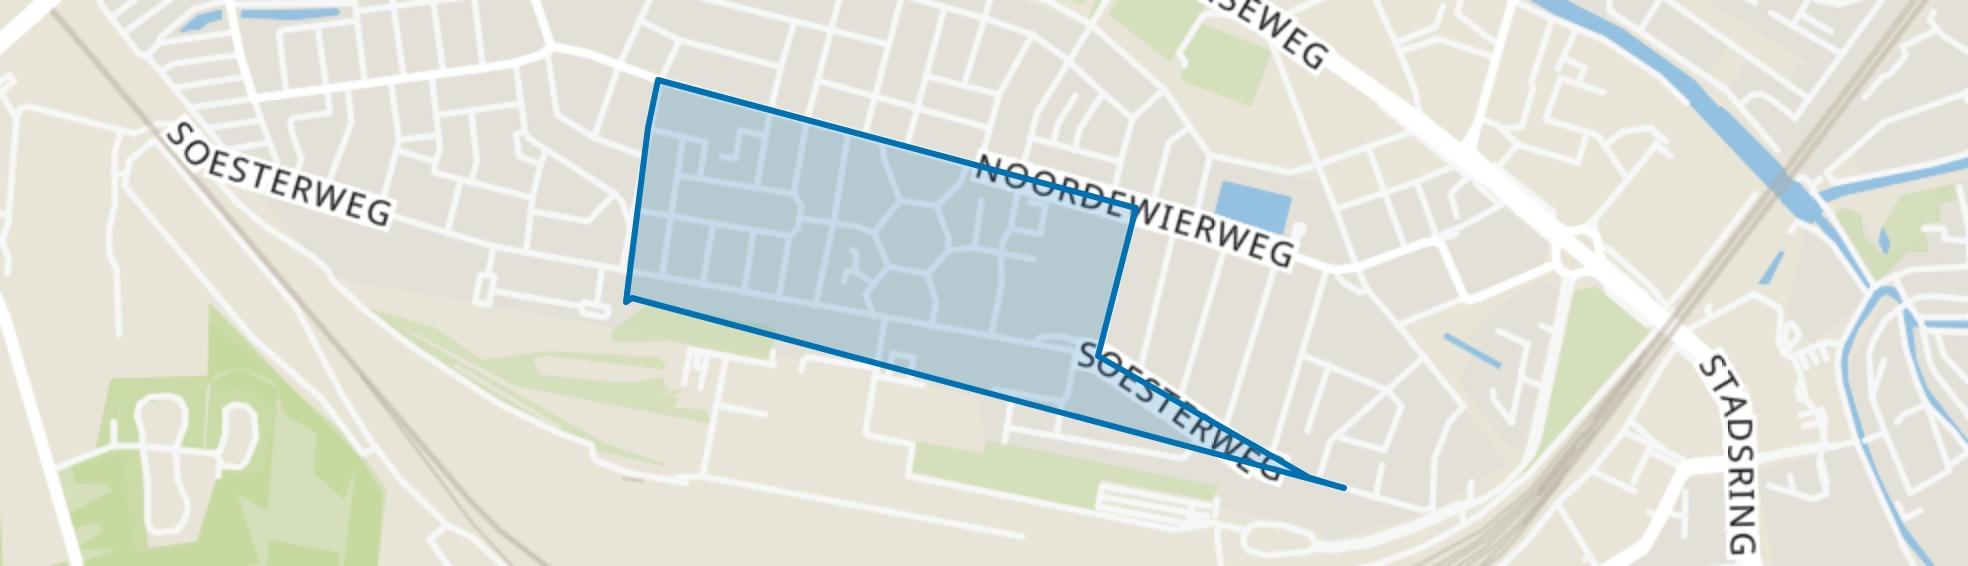 Bloemenbuurt-Oost, Amersfoort map